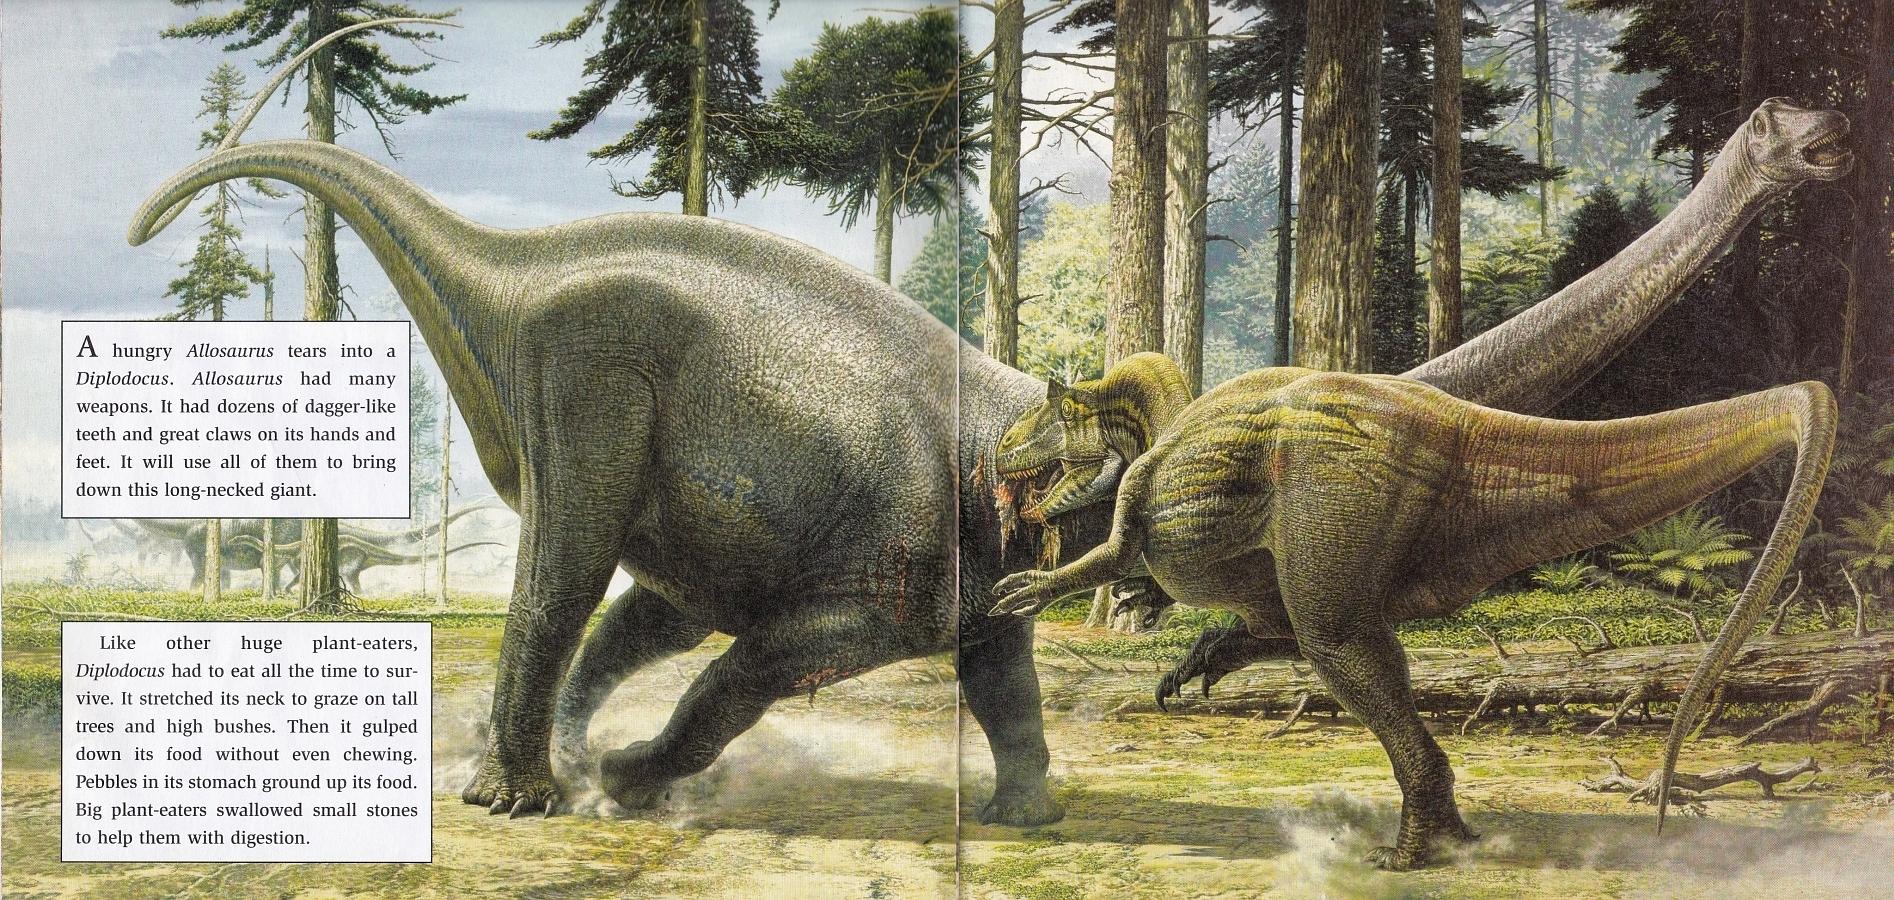 Allosaurus v Diplodocus